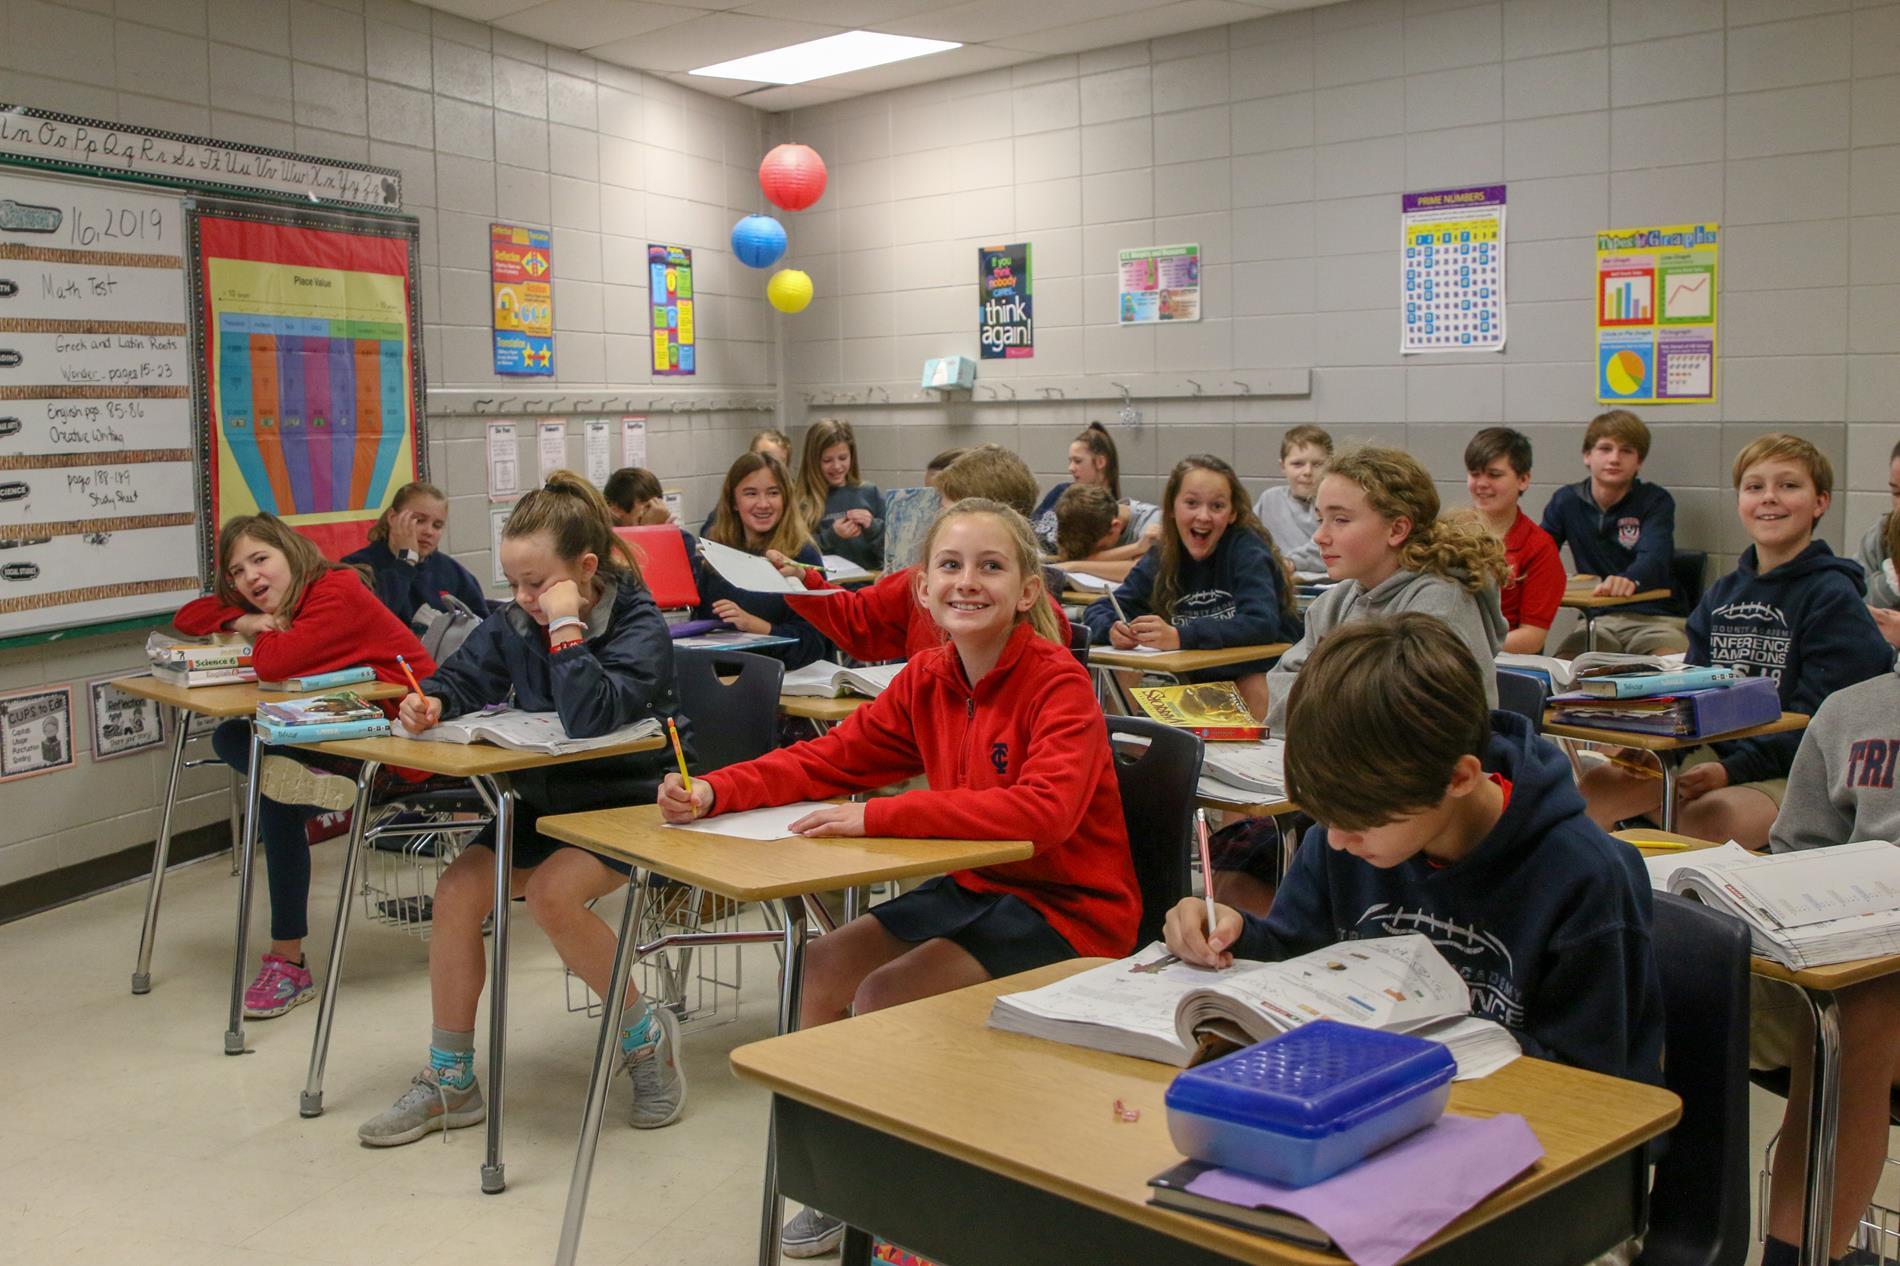 Students in Desk